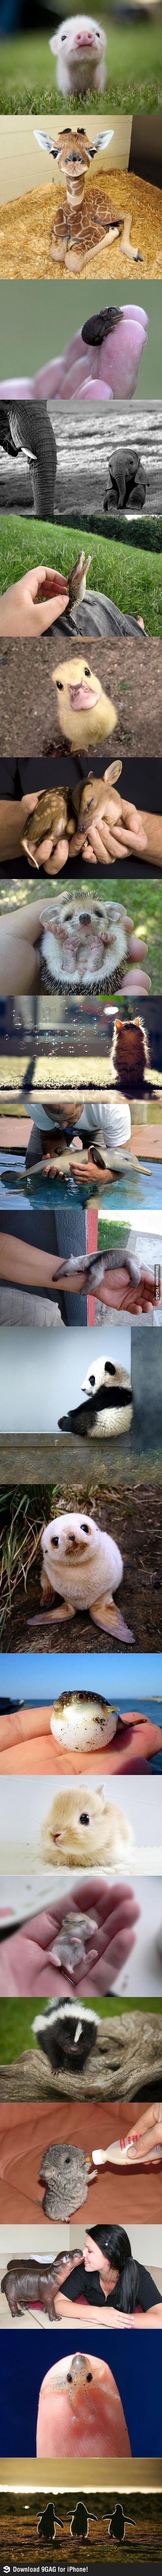 Baby Animals!!!!! Soo cute!